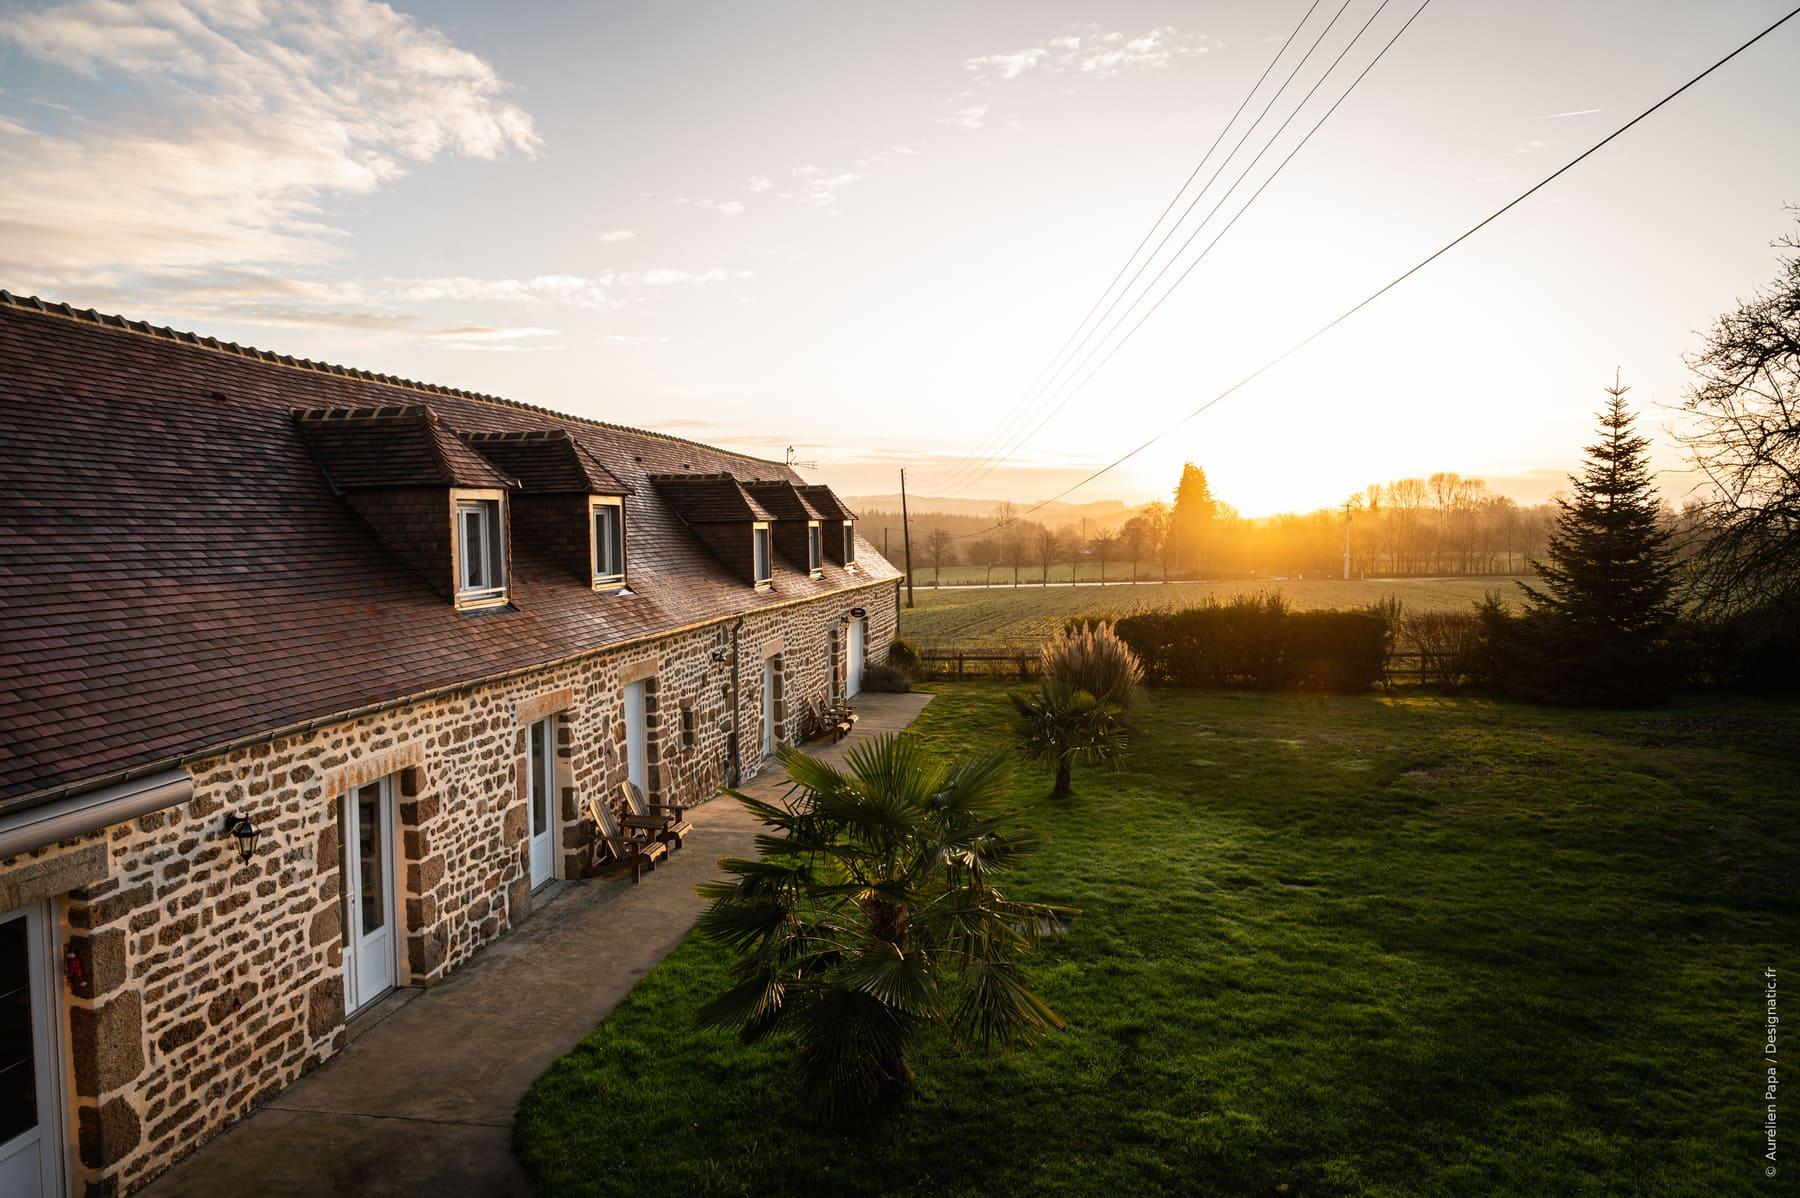 shooting photo corporate tourisme gîte chambres d'hôte immobilier banque image La Brocherie Magny le Désert Orne Normandie Designatic